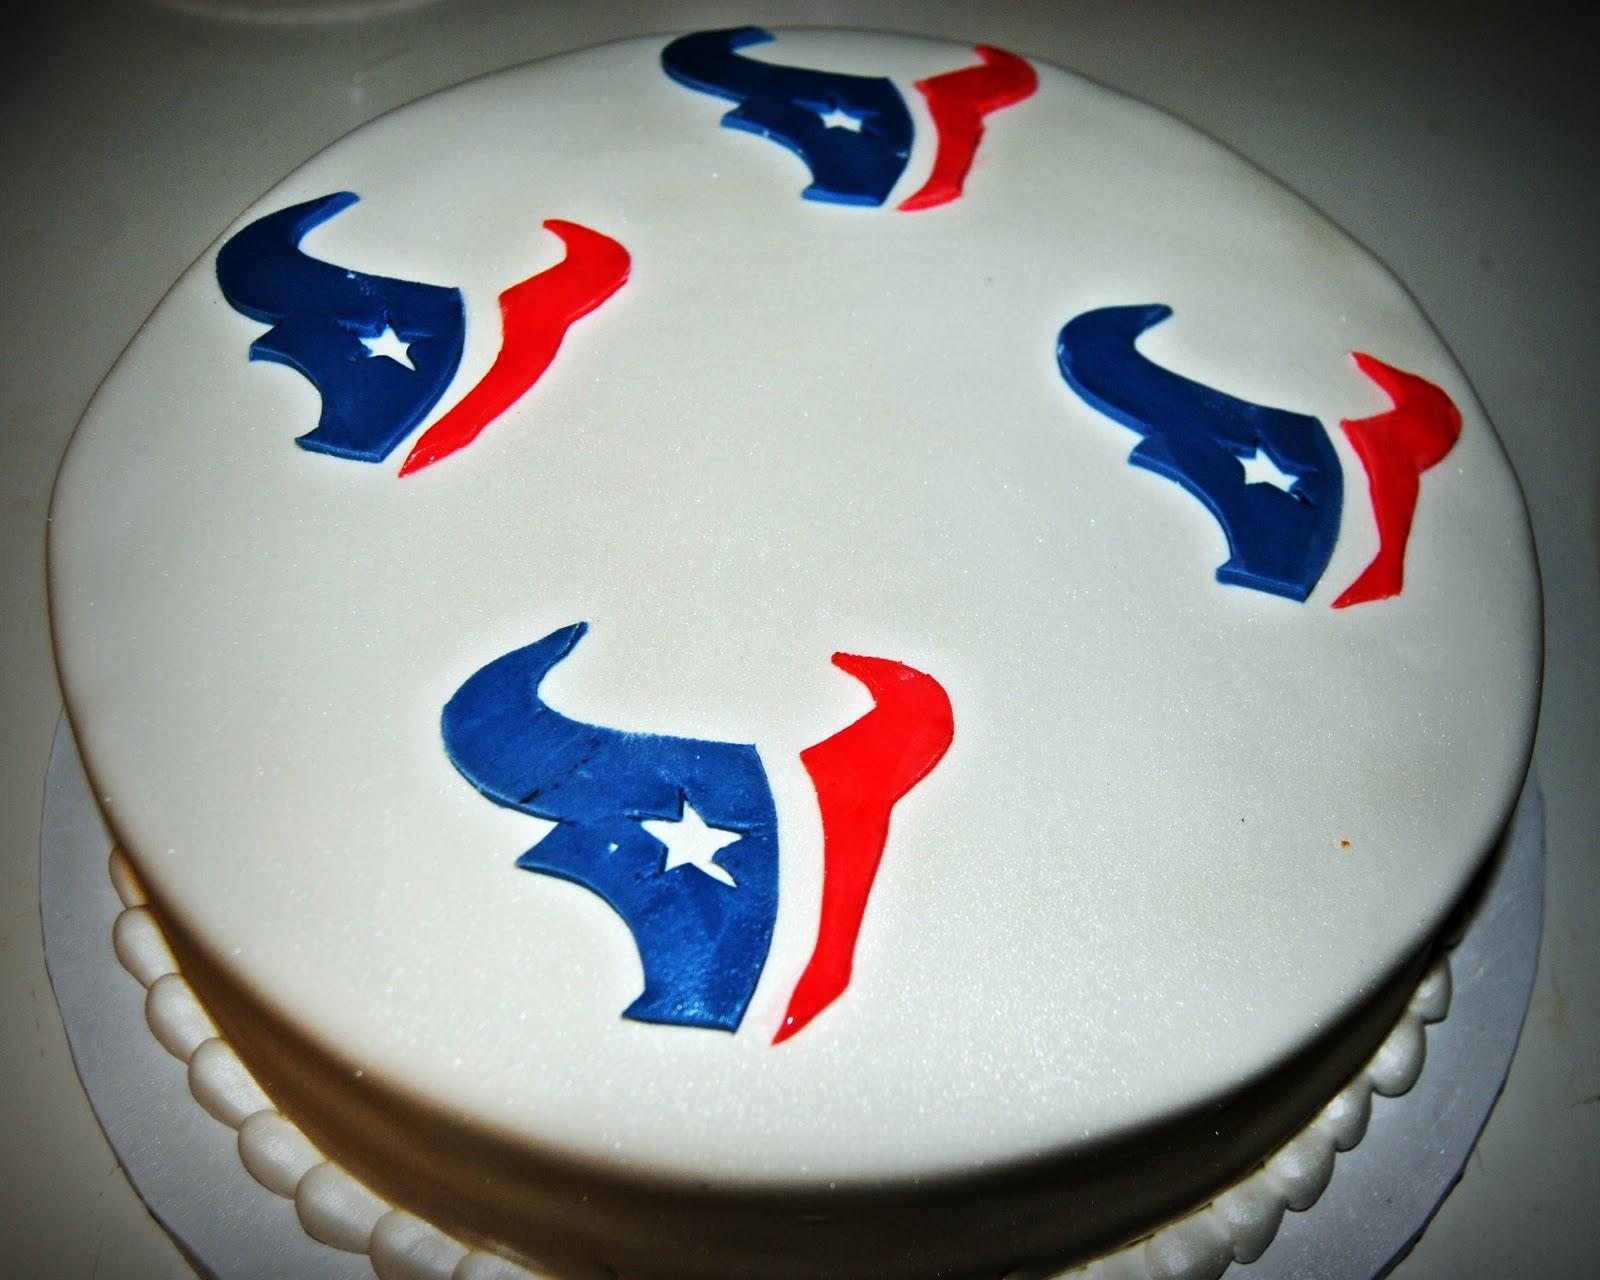 9 Cakes Of Houston Photo Wedding Cakes Houston Houston Texans